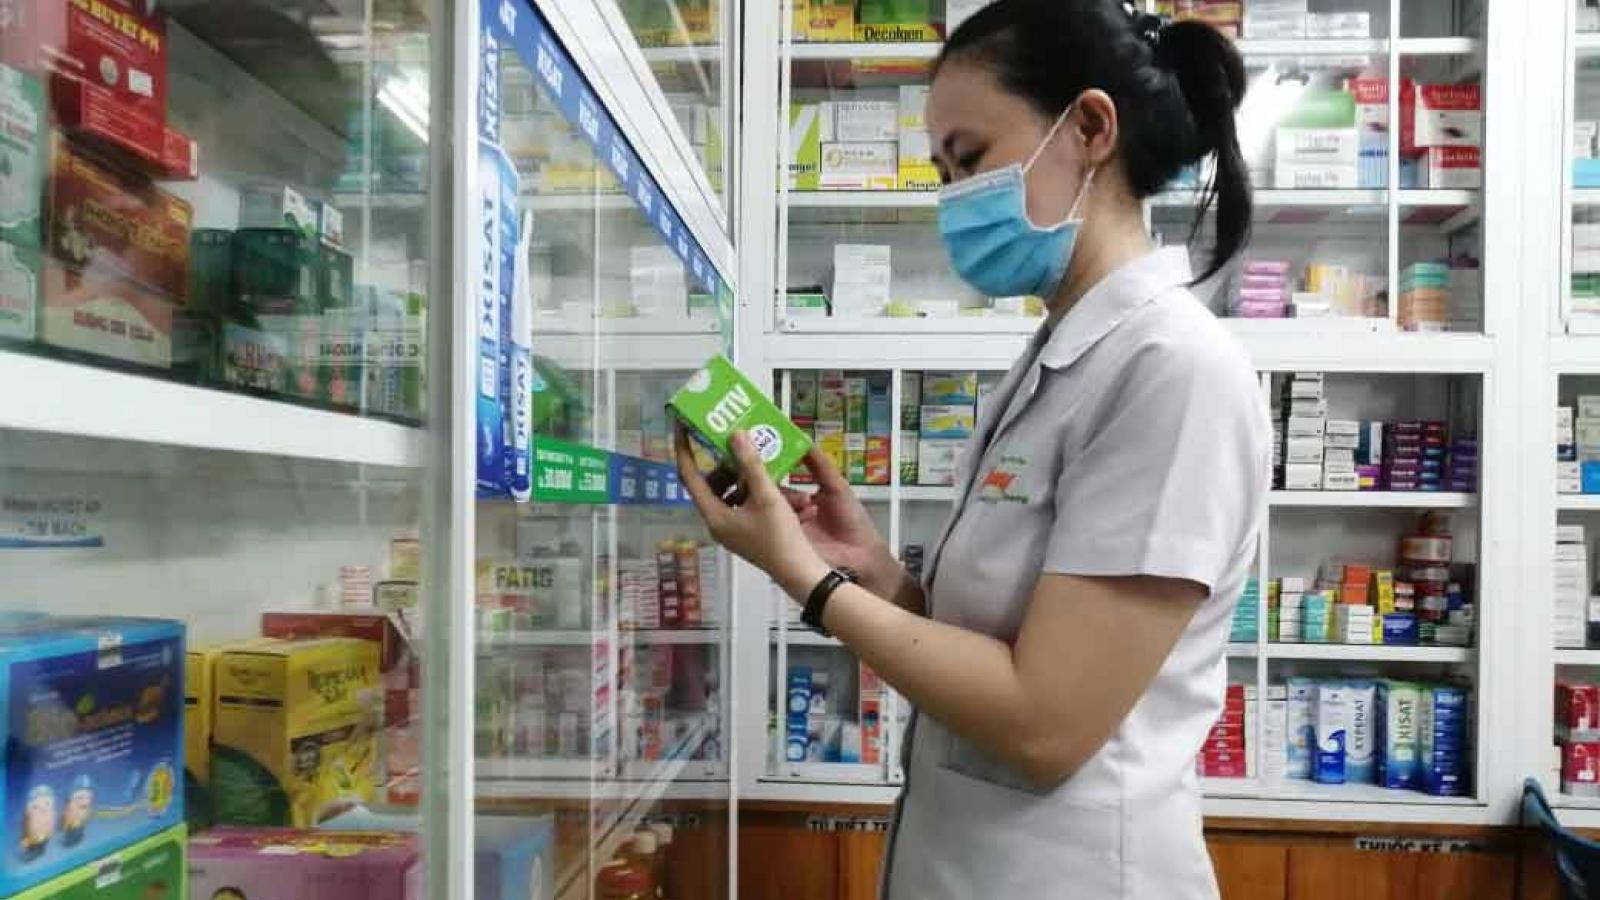 Người dânTP HCMmua thuốc ho, sốt tại các tiệm thuốc phải khai báo y tế